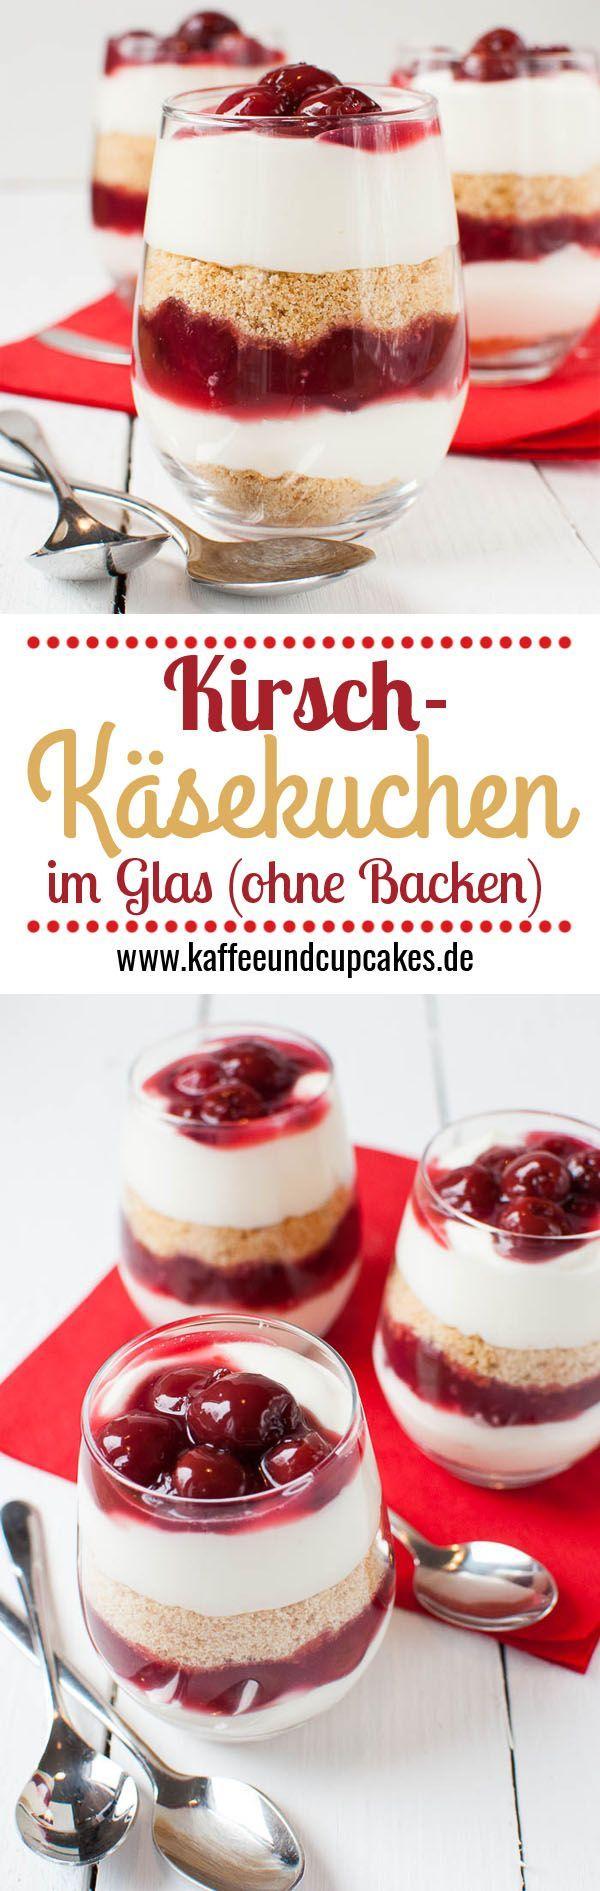 Kirsch-Käsekuchen-Dessert im Glas (ohne Backen)